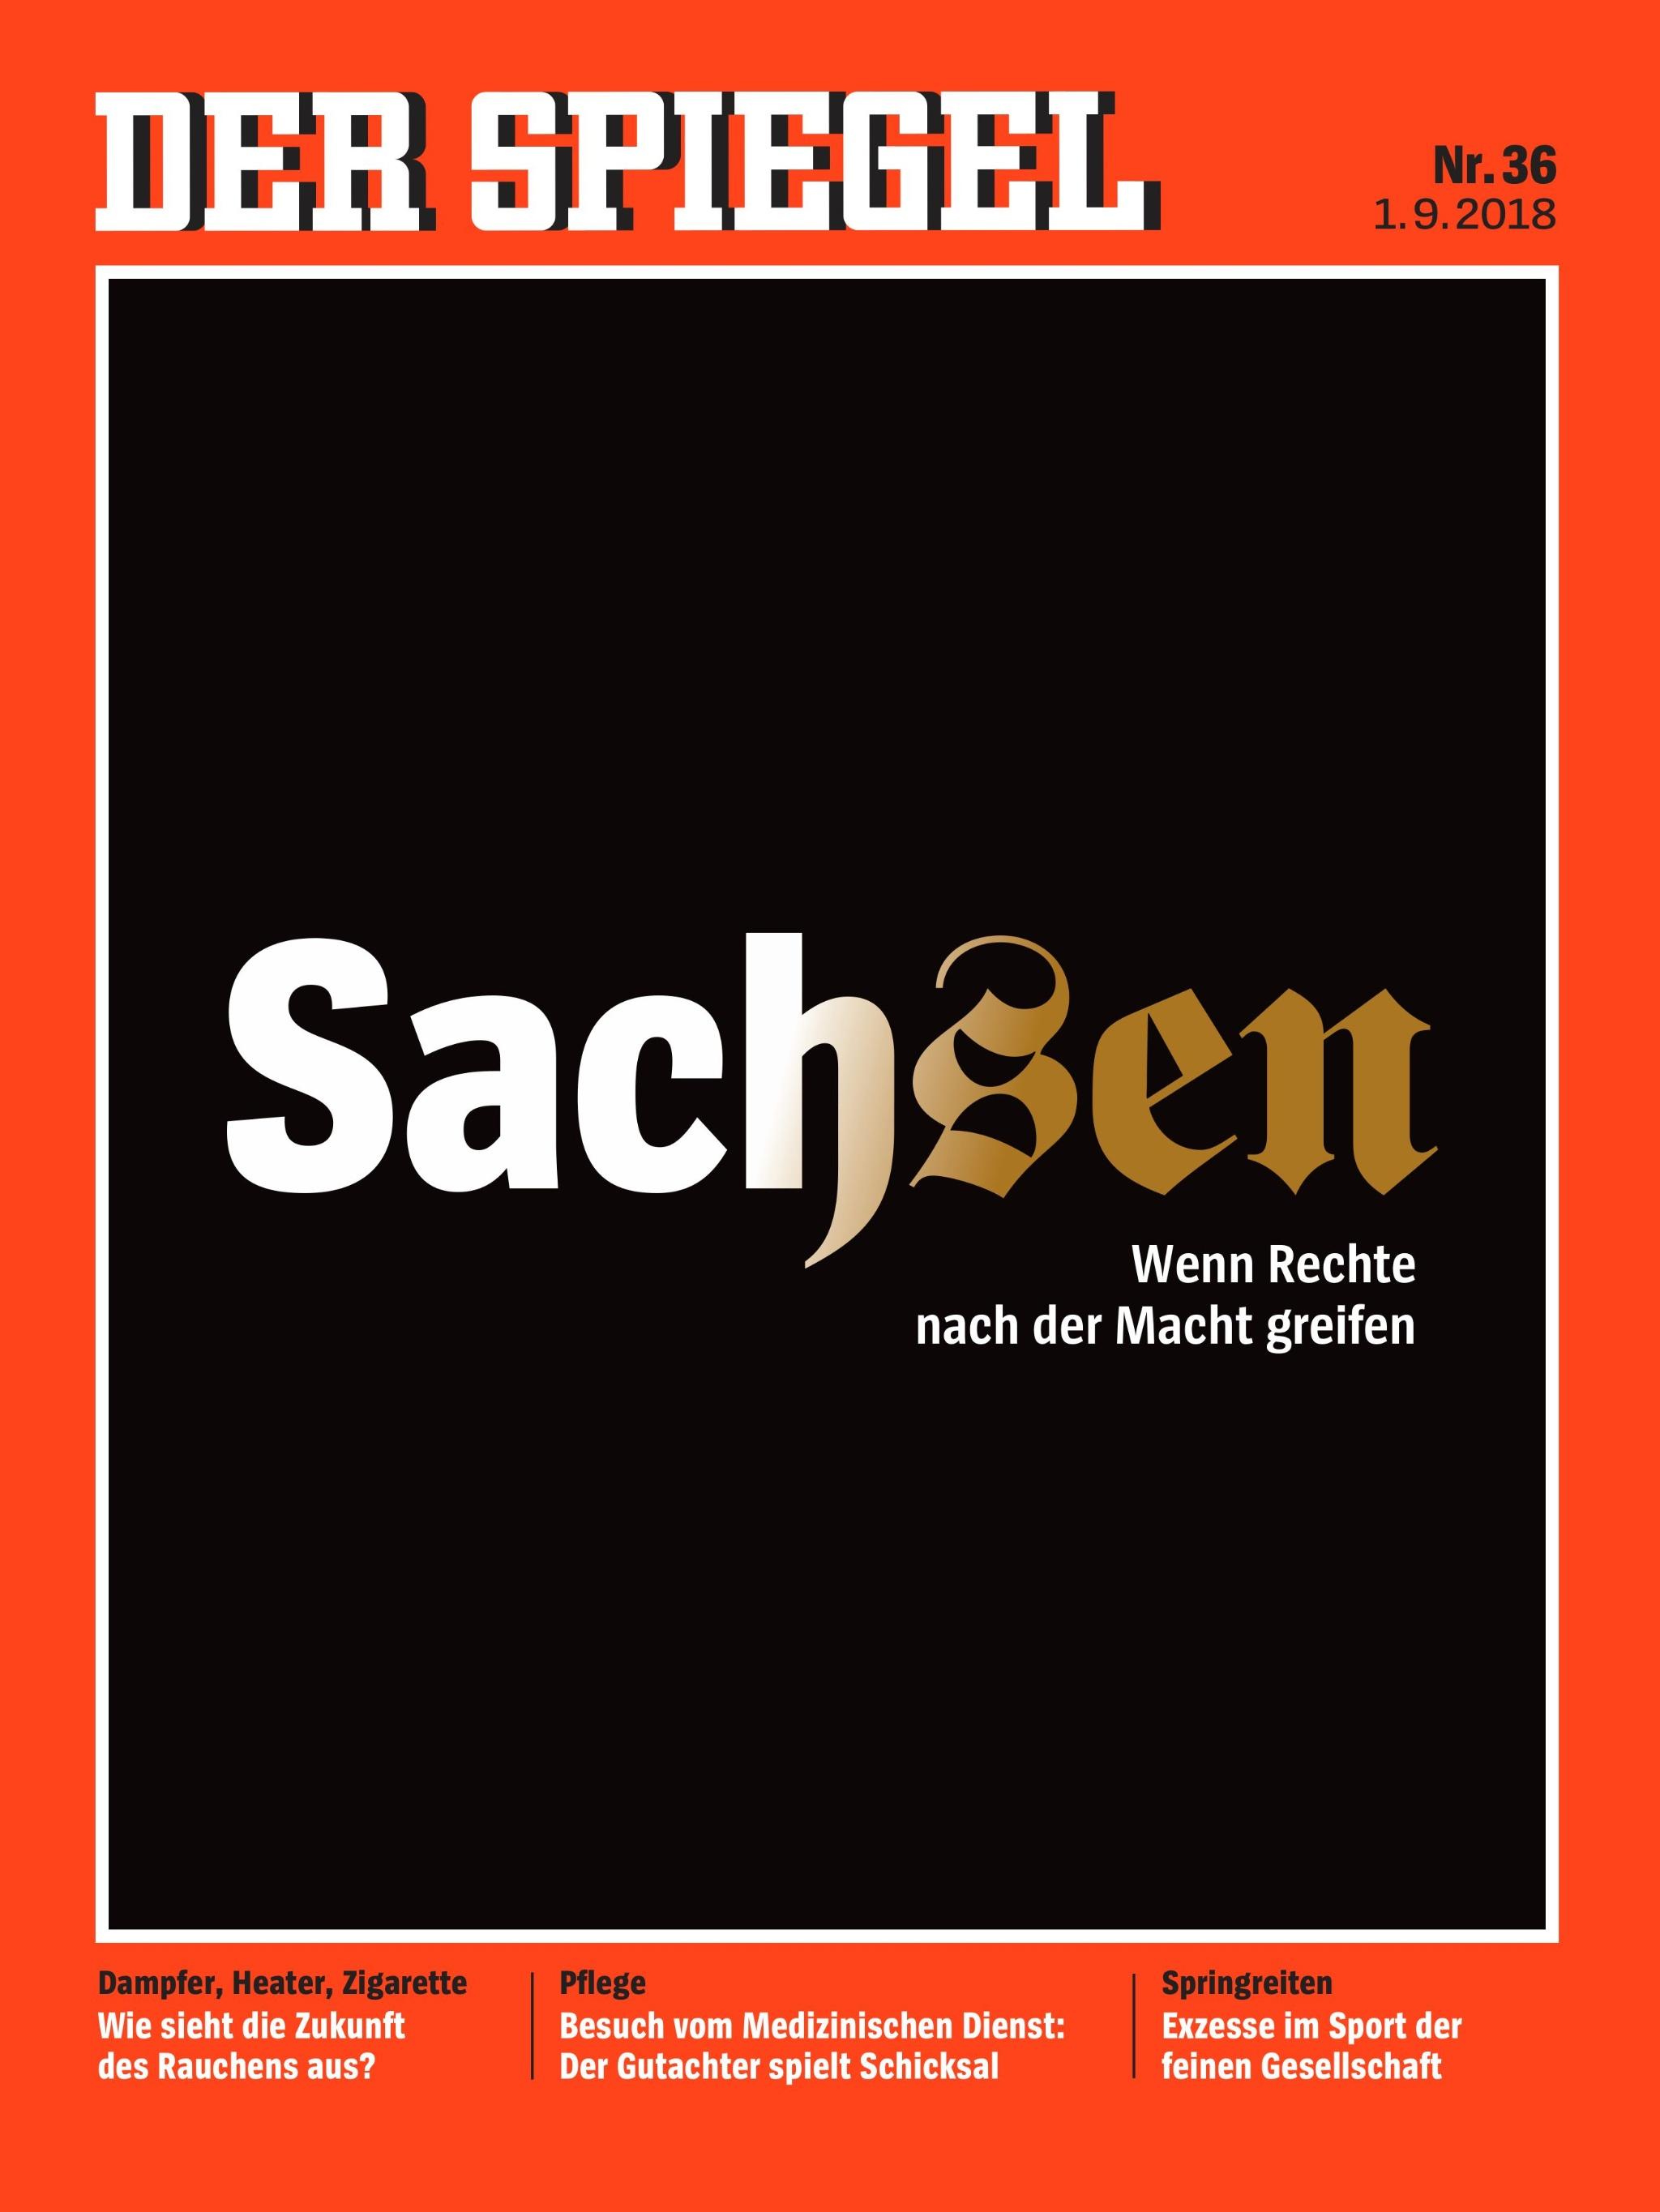 2018-09-01 Der_Spiegel_Sachsen